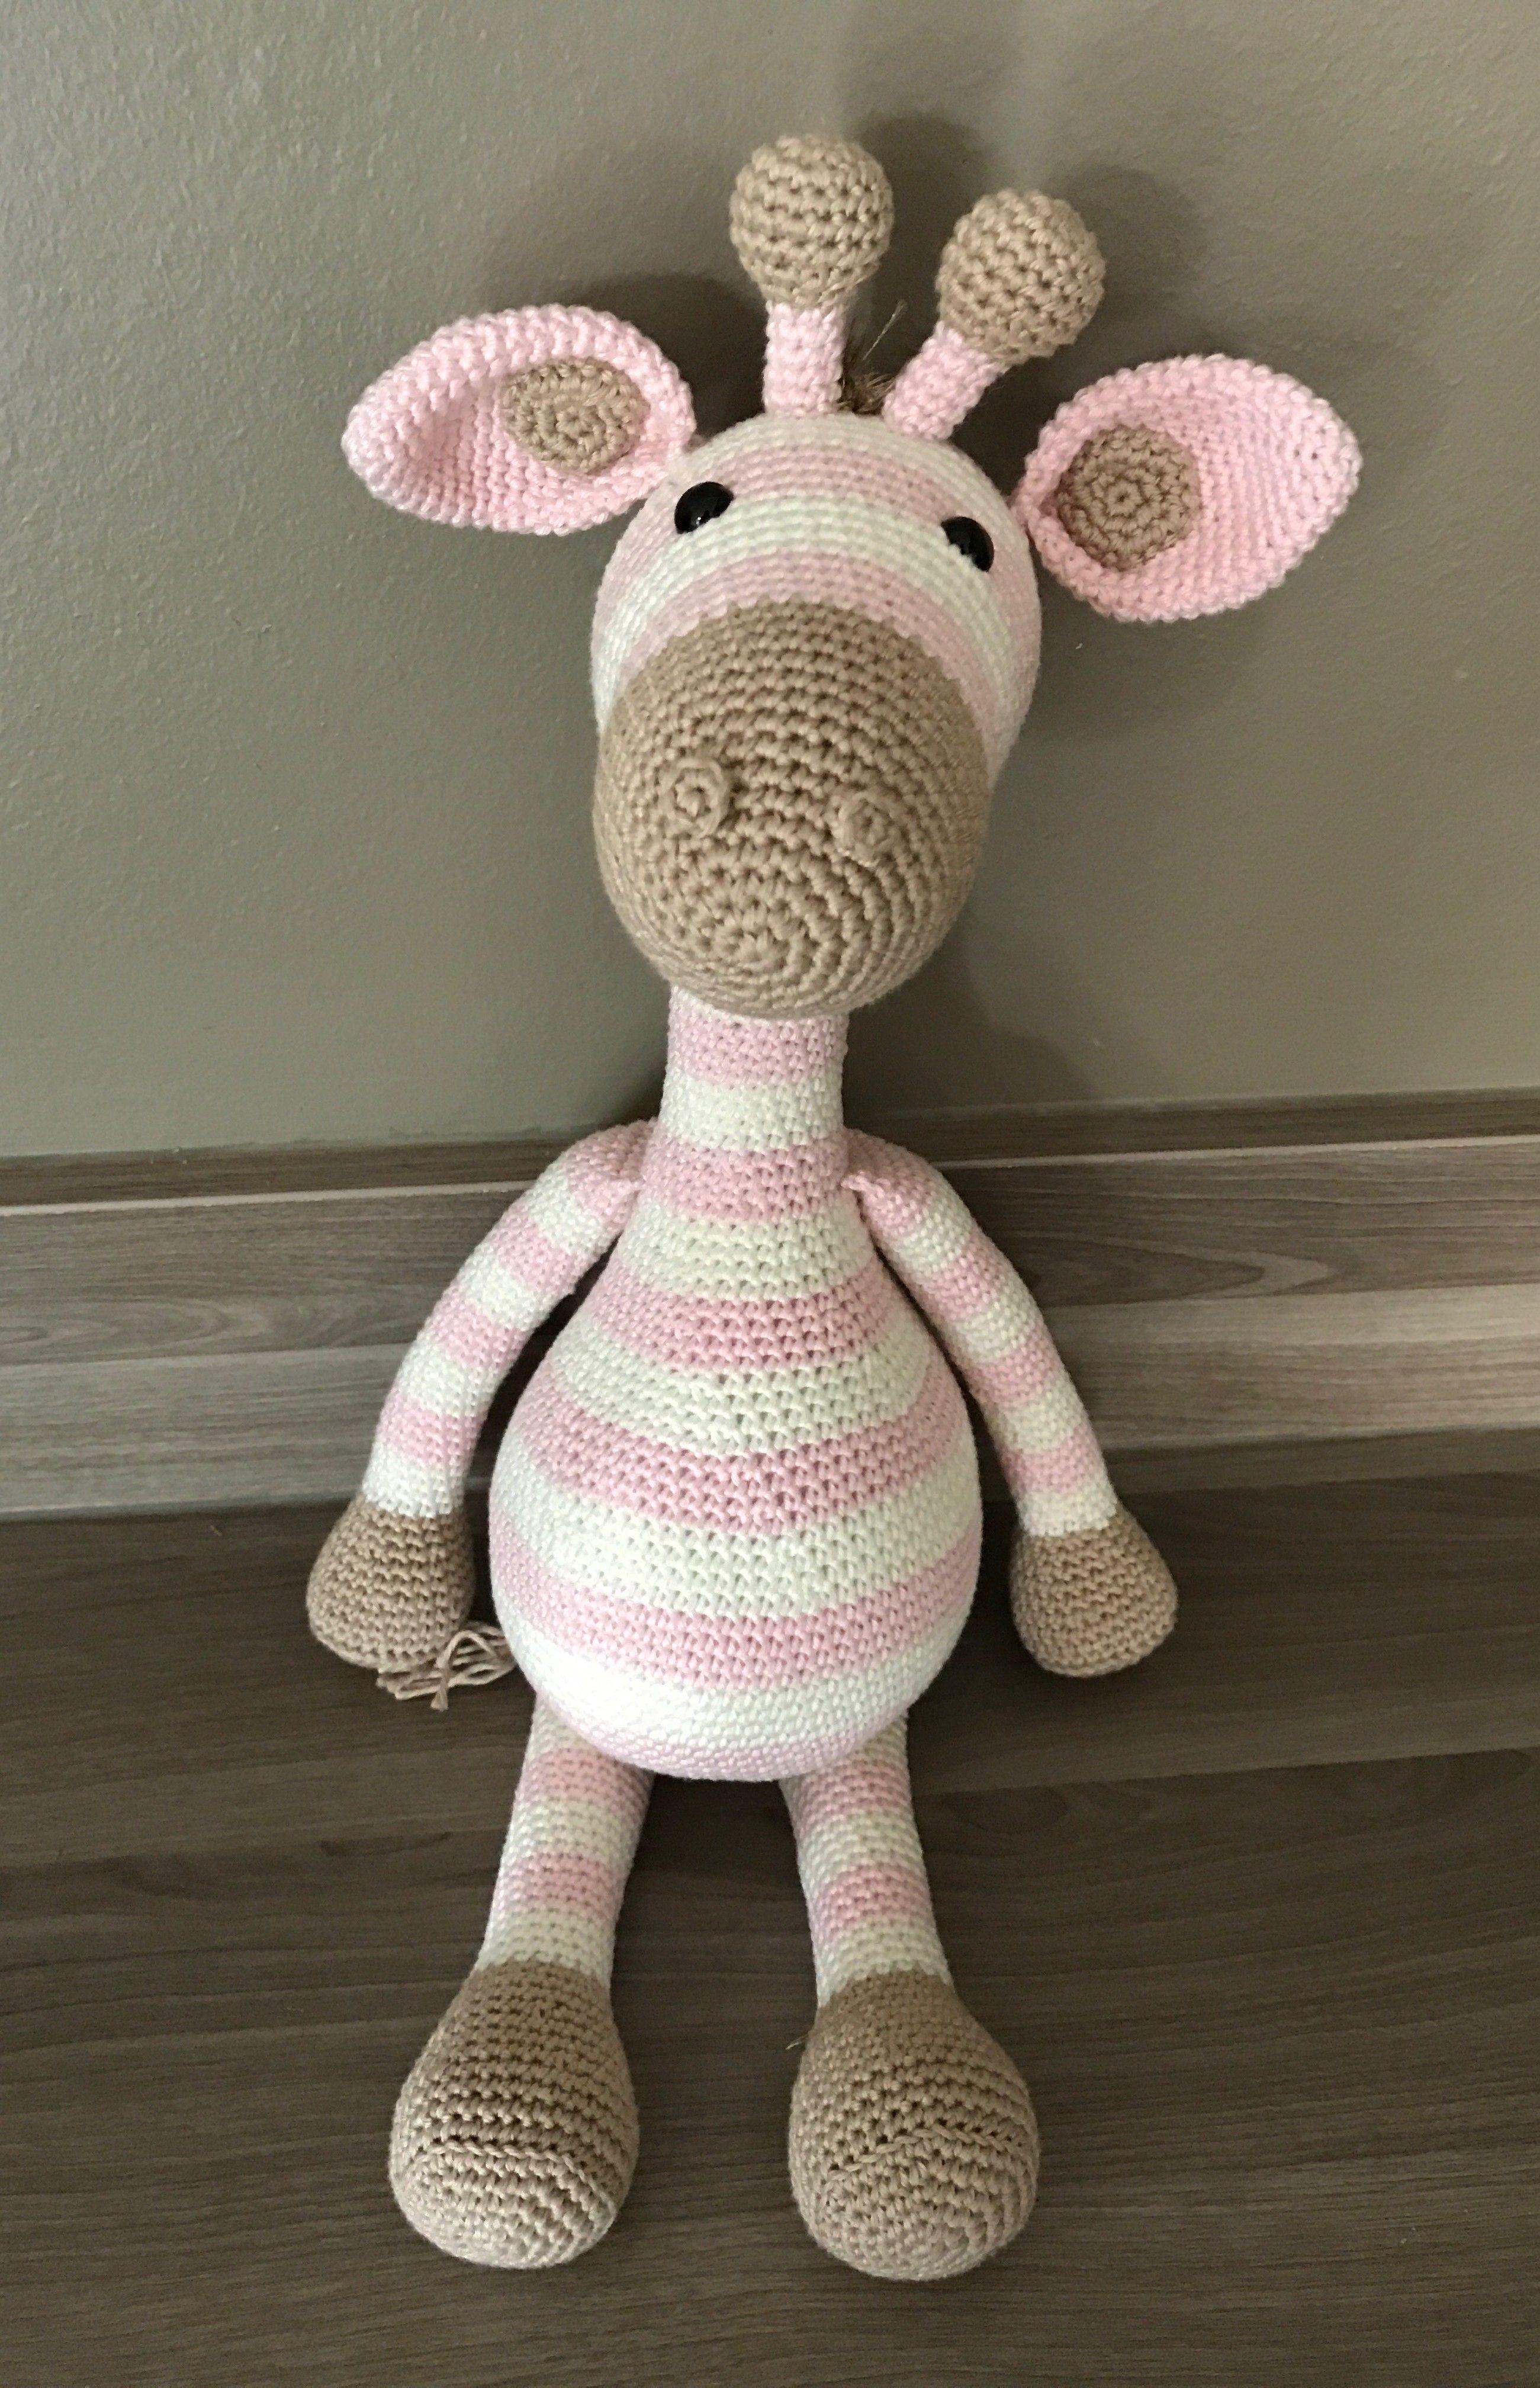 Adorable Giraffe amigurumi pattern by Theresas Crochet Shop | Muñecos de  ganchillo, Patrones amigurumi, Ganchillo amigurumi | 4032x2601